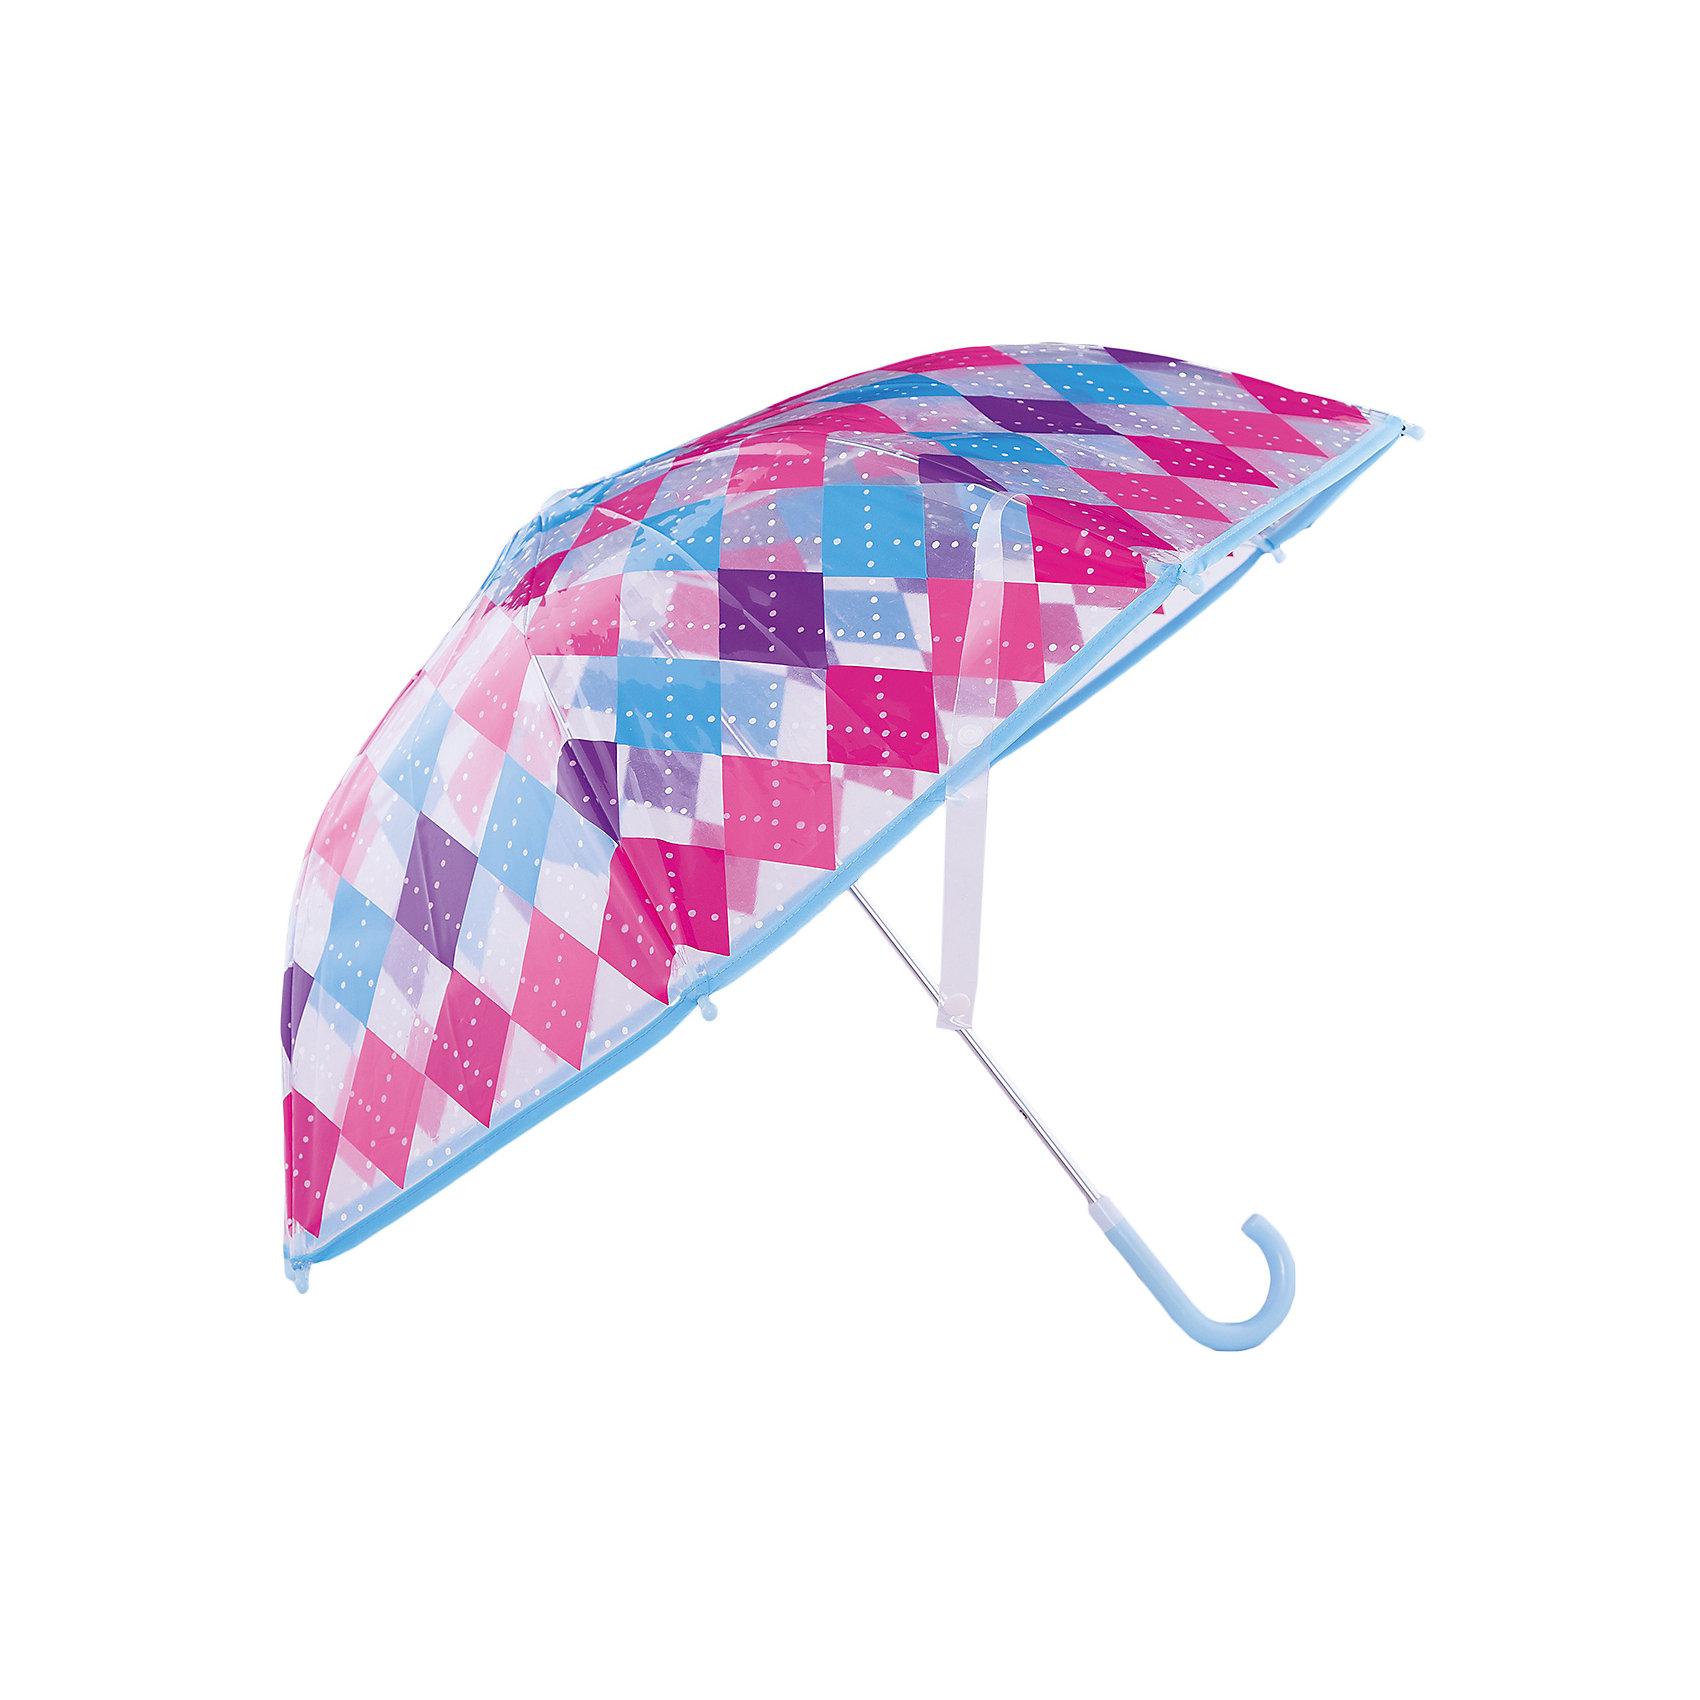 Зонт детский Классика, 46 см.Зонты детские<br>Зонт детский Классика, 46 см., Mary Poppins (Мэри Поппинс)<br><br>Характеристики:<br><br>• устойчив к ветру<br>• система складывания: механическая<br>• прочное крепление купола<br>• радиус купола: 46 см<br>• длина ручки: 57 см<br>• пластиковые насадки на спицах<br>• материал: текстиль, металл, пластик, клеенка<br>• размер упаковки: 58х6х8 см<br><br>Классика - стильный зонт от бренда Mary Poppins. Купол зонта выполнен из прозрачной клеенки, оформленной узором из разноцветных ромбов и голубой окантовкой. Прочная конструкция обеспечивает зонтику высокую устойчивость к дождю и ветру. Спицы дополнены пластиковыми шариками, предотвращающими травмирование во время использования. <br><br>Зонт детский Классика, 46 см., Mary Poppins (Мэри Поппинс) вы можете купить в нашем интернет-магазине.<br><br>Ширина мм: 580<br>Глубина мм: 600<br>Высота мм: 800<br>Вес г: 250<br>Возраст от месяцев: 36<br>Возраст до месяцев: 2147483647<br>Пол: Женский<br>Возраст: Детский<br>SKU: 5508512